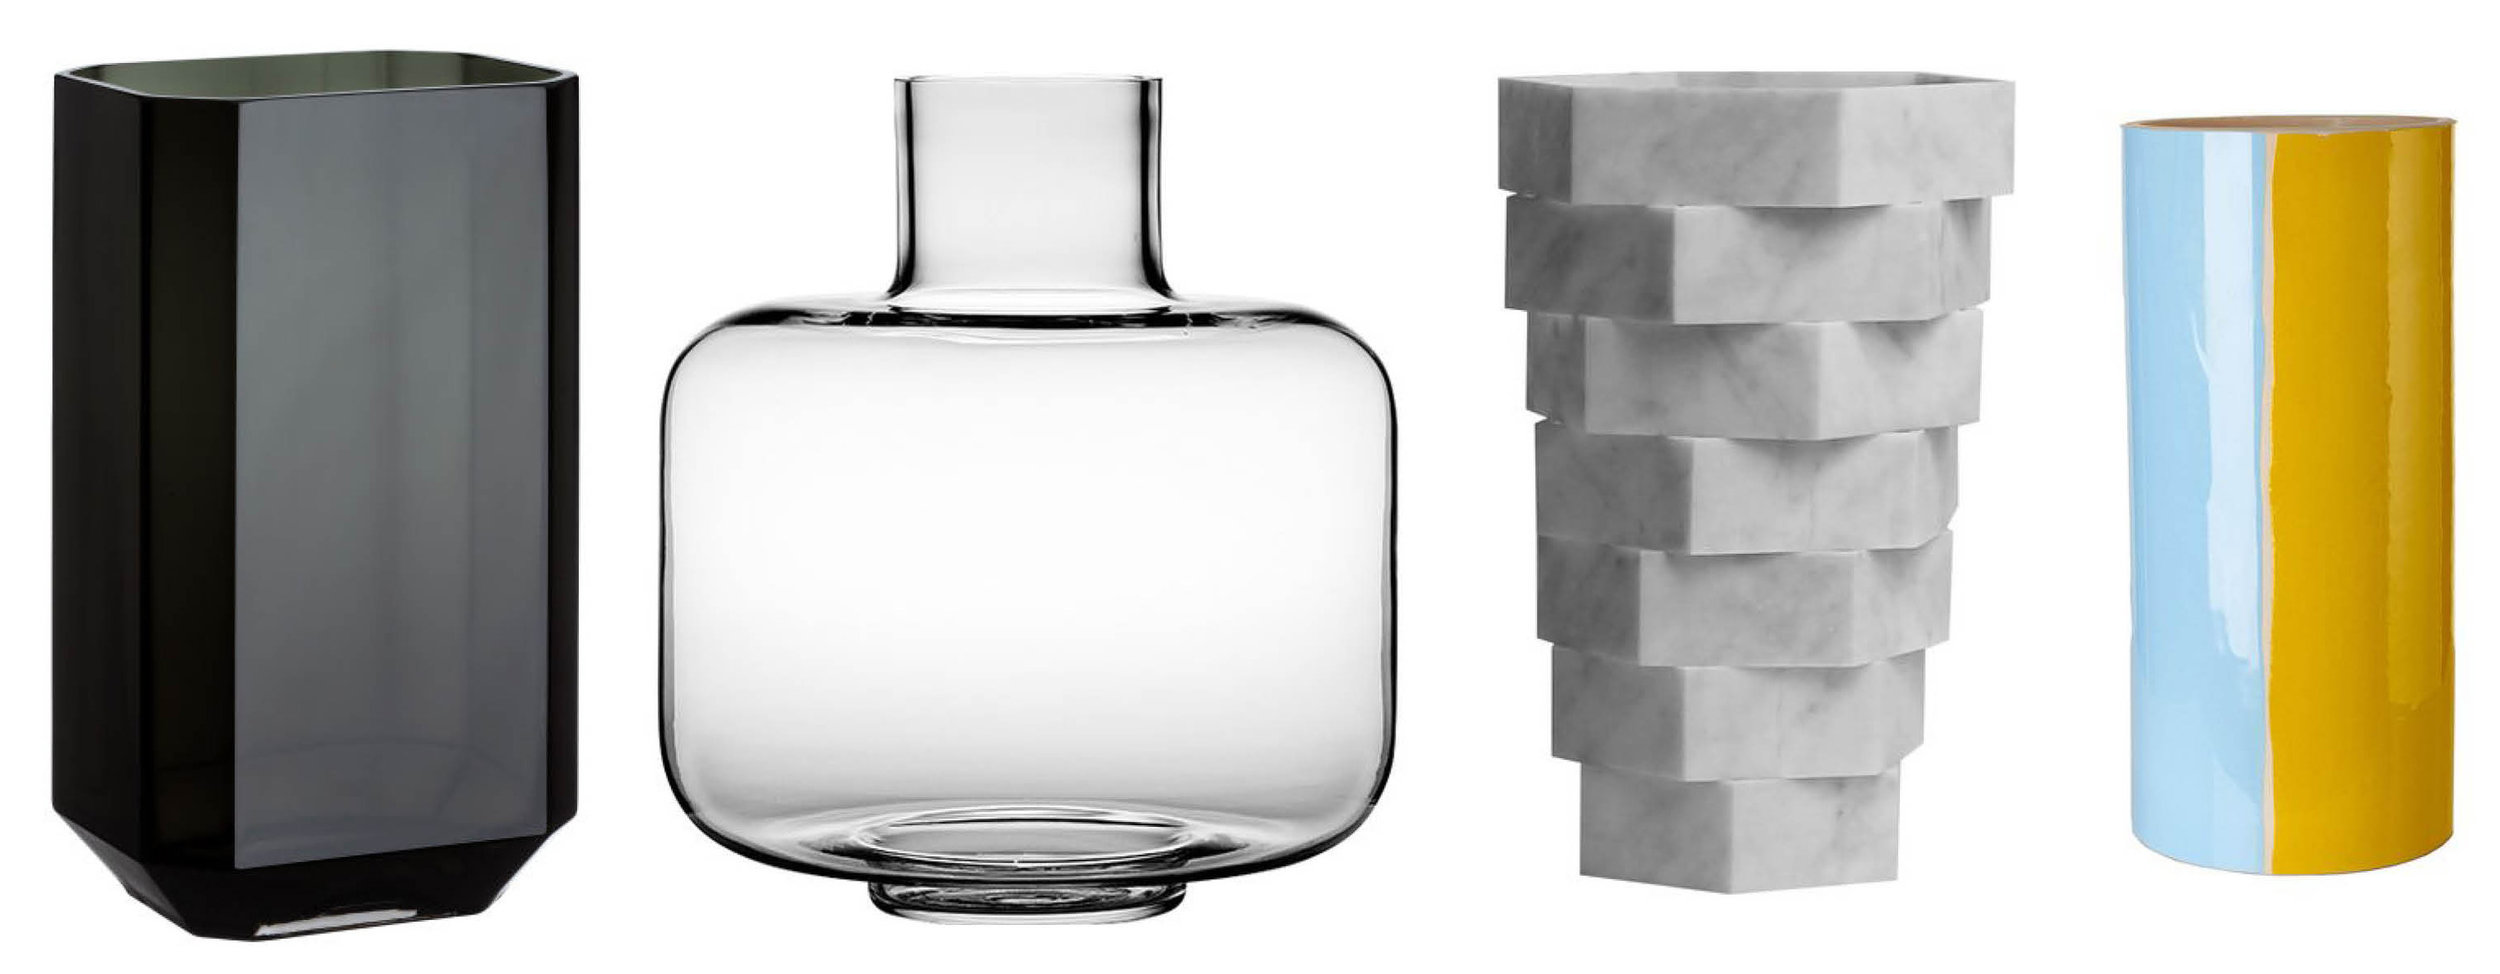 Tall glass vase ,Ming vase, clear,  Little Gerla No4 marble vase , Triple colour glazed vase